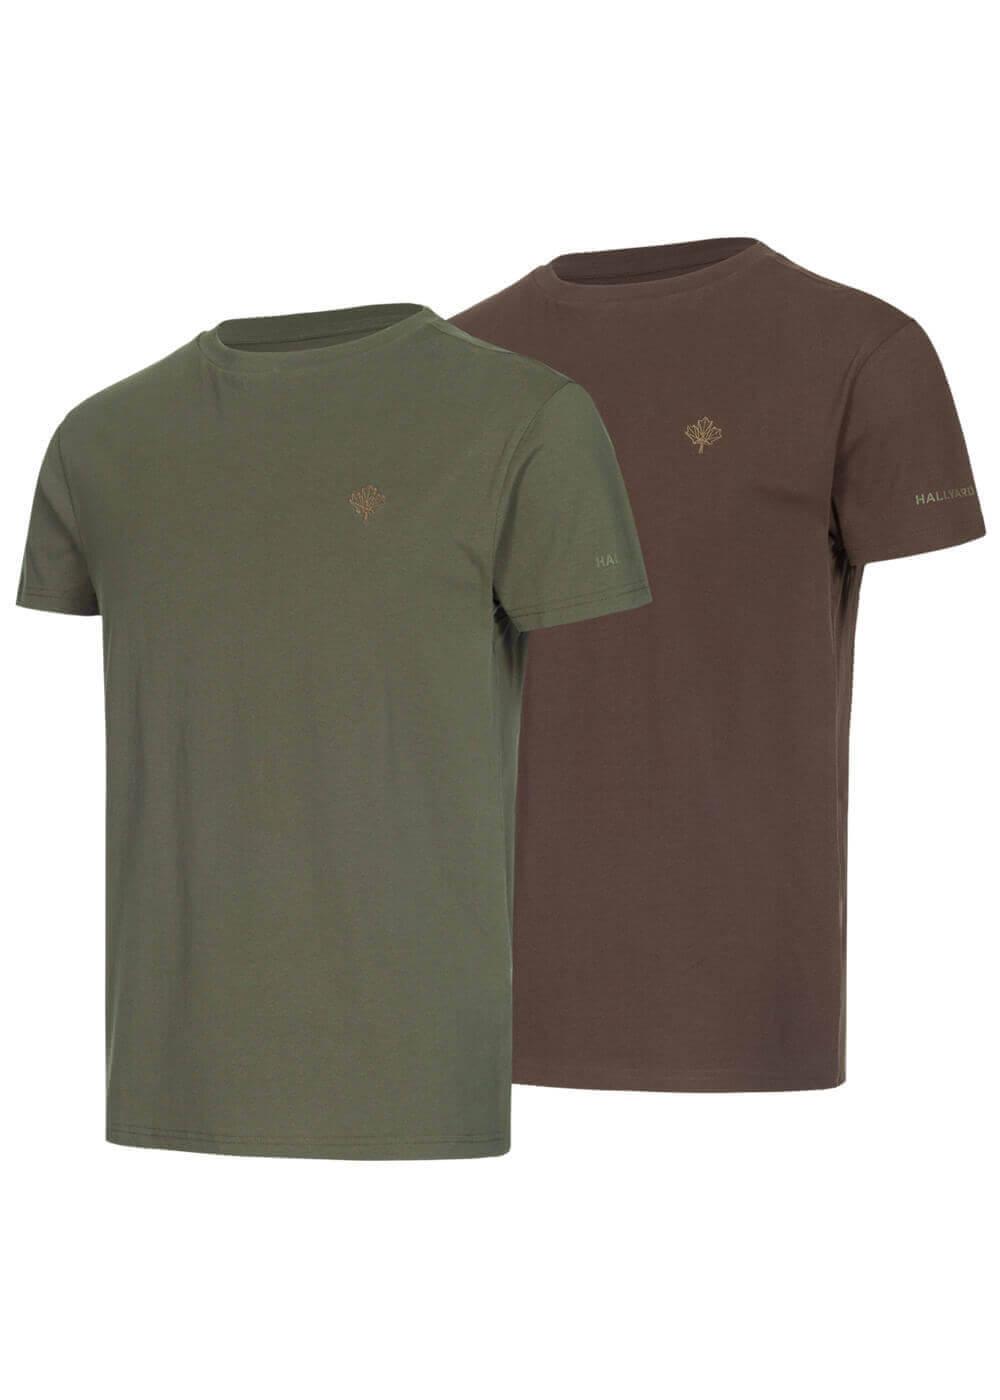 T-Shirt Doppelpack grün/braun aus reiner Baumwolle mit Stick